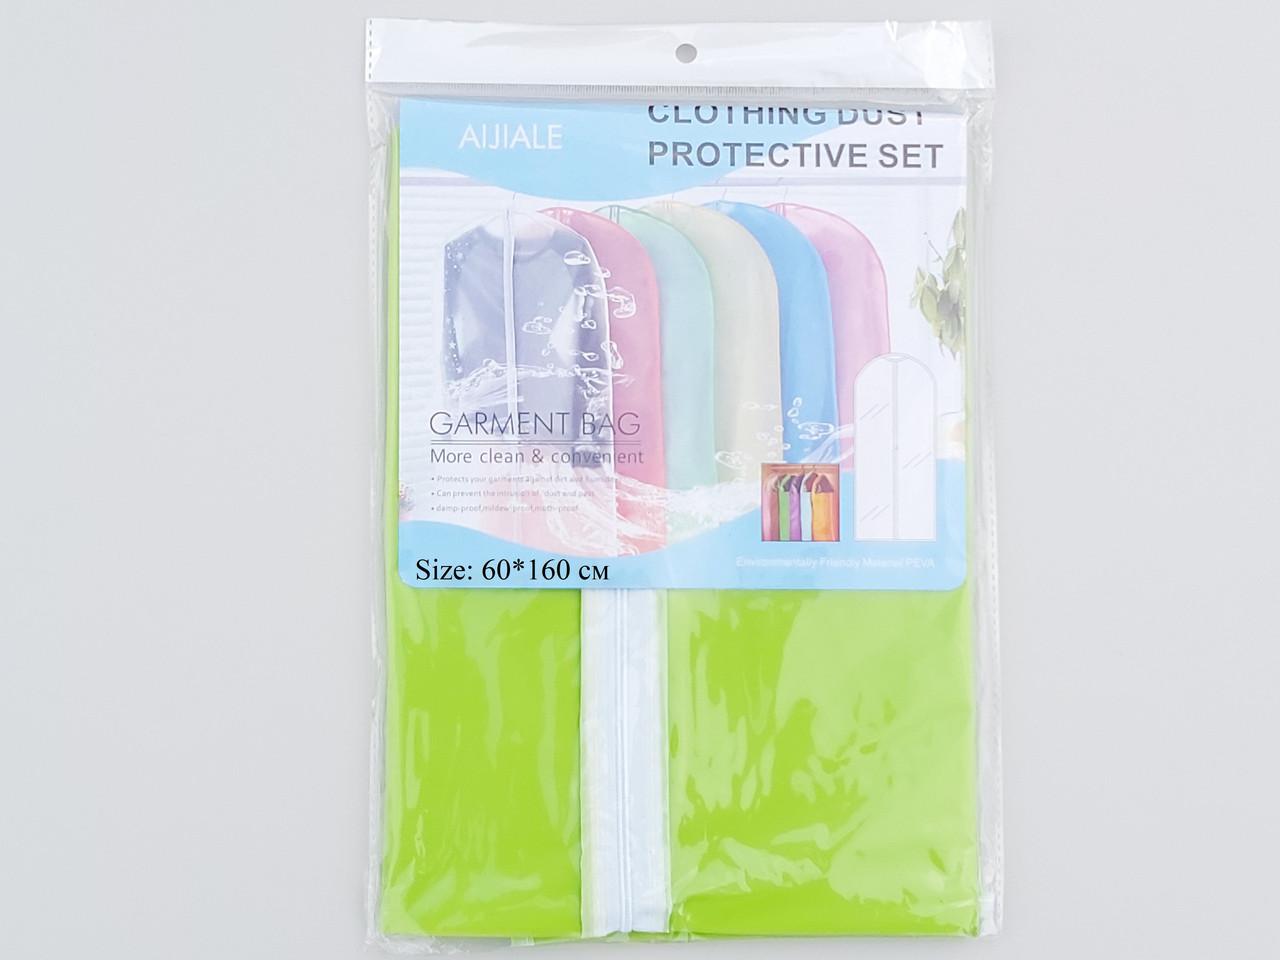 Чехол для хранения одежды плащевка салатового цвета. Размер 60х160 cм